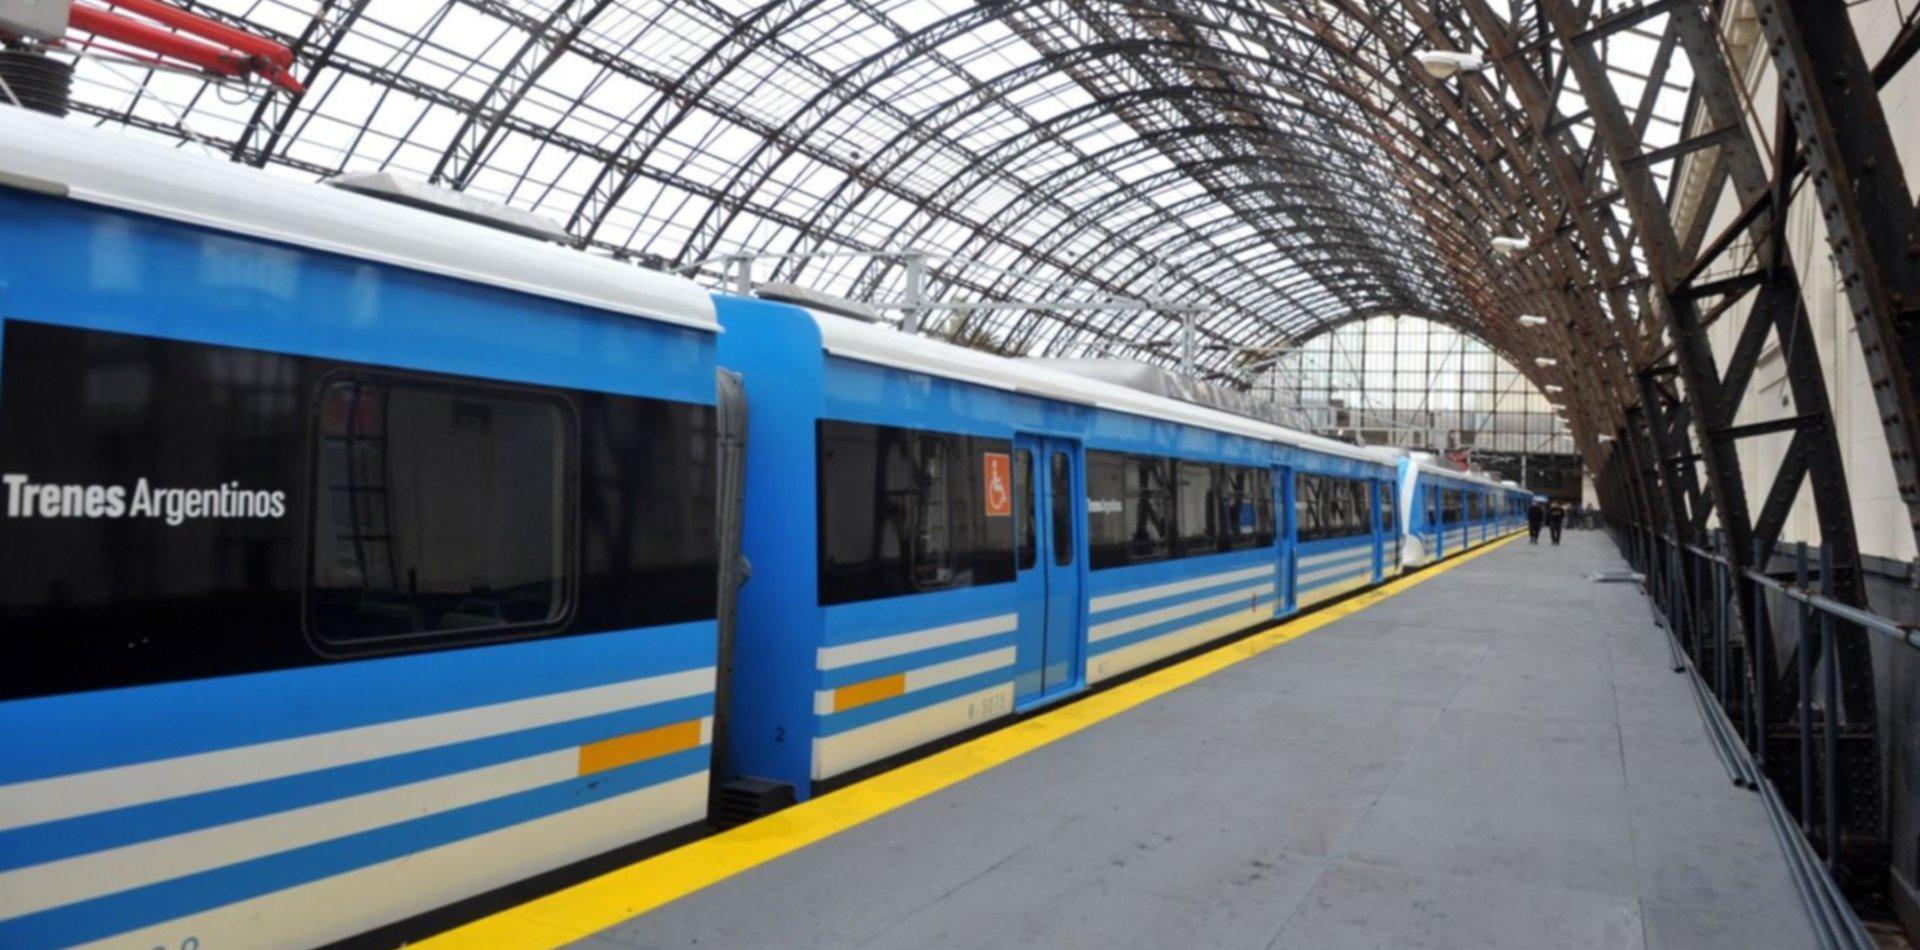 Lanzan una nueva app para los trenes argentinos: ¿para qué sirve y cómo funciona?